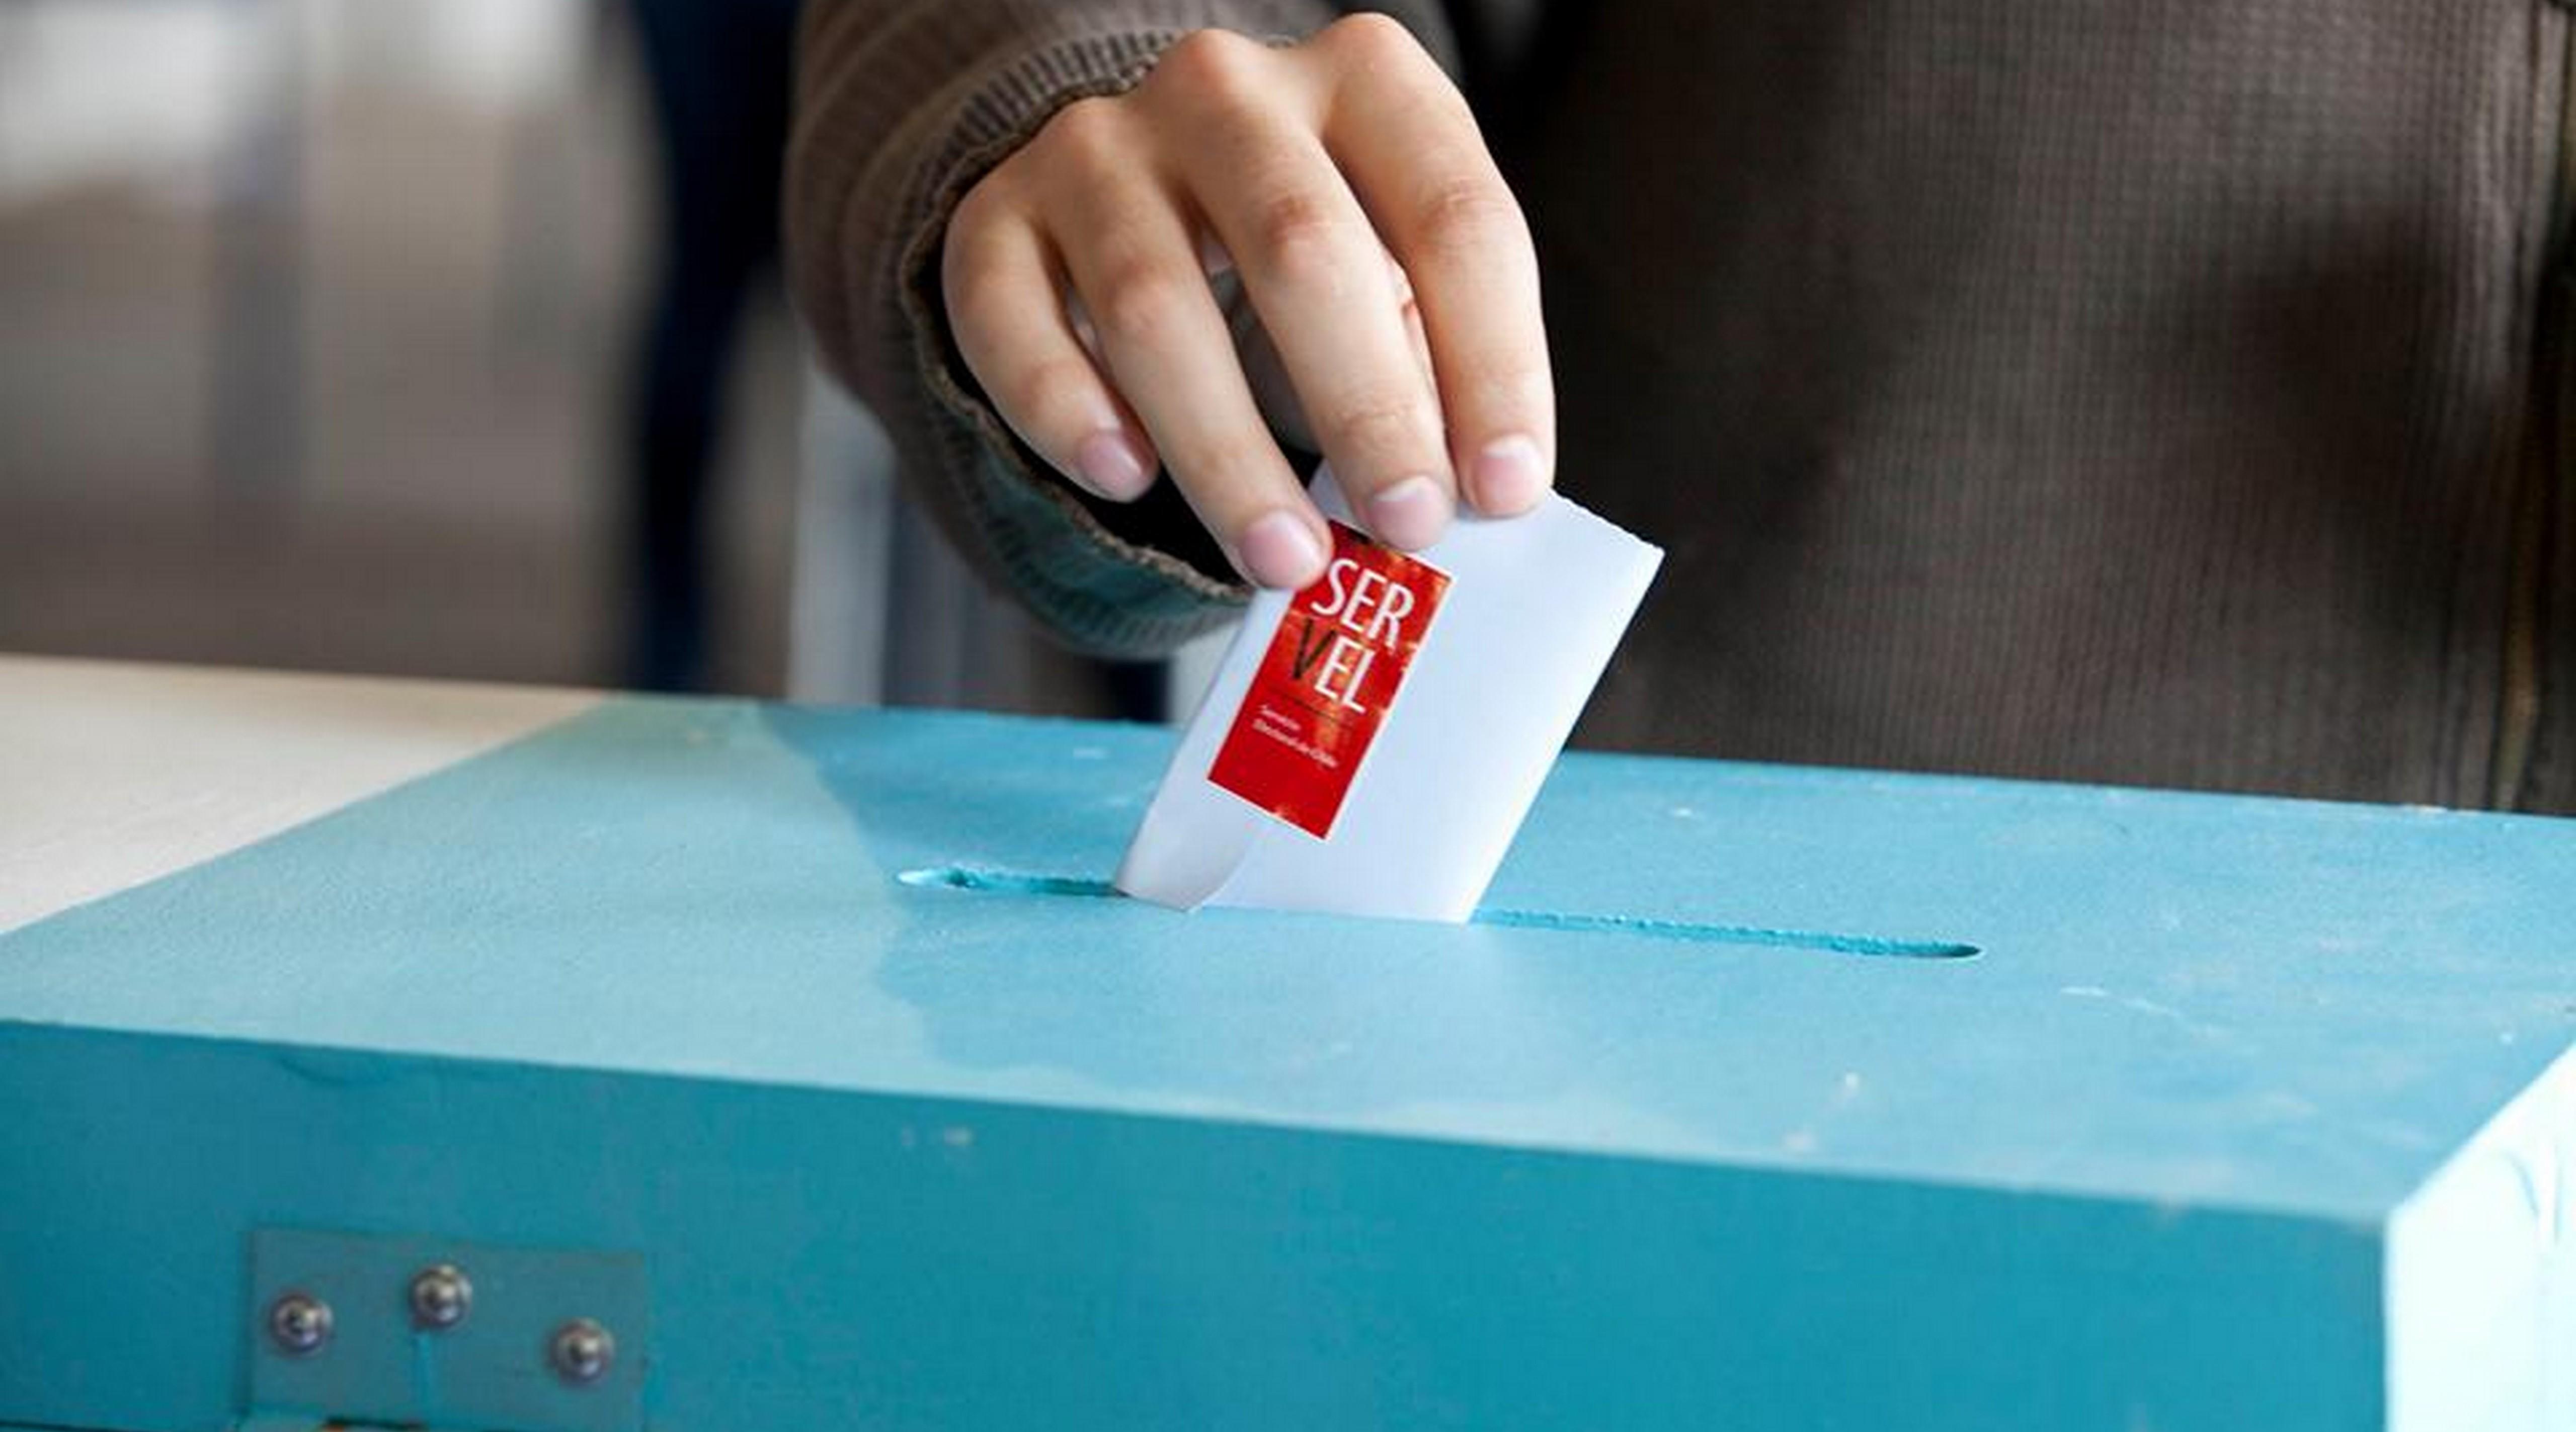 ¿Necesito permiso temporal para ir a votar en el Plebiscito?